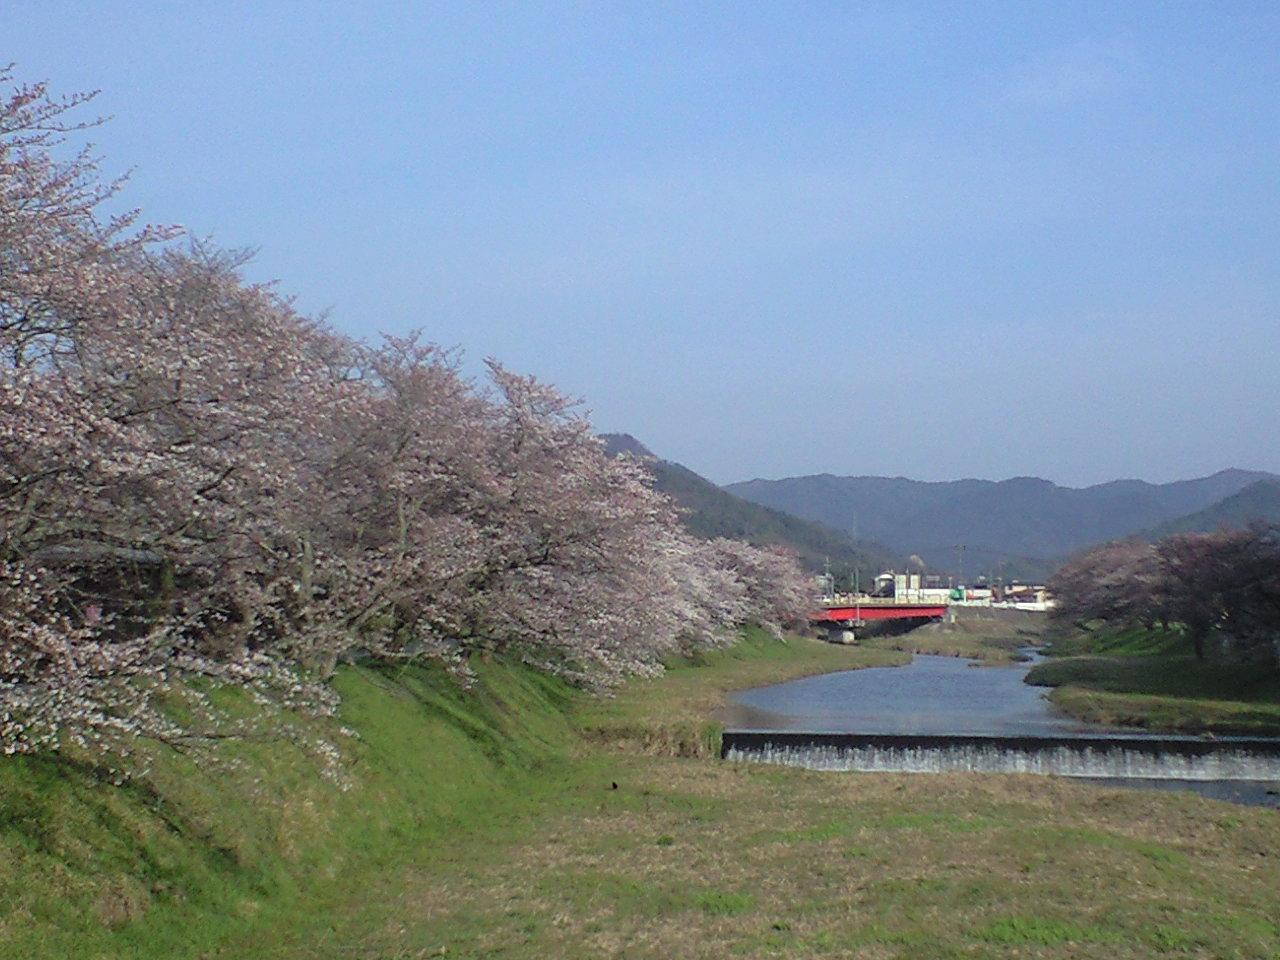 法勝寺川ほとりの桜並木